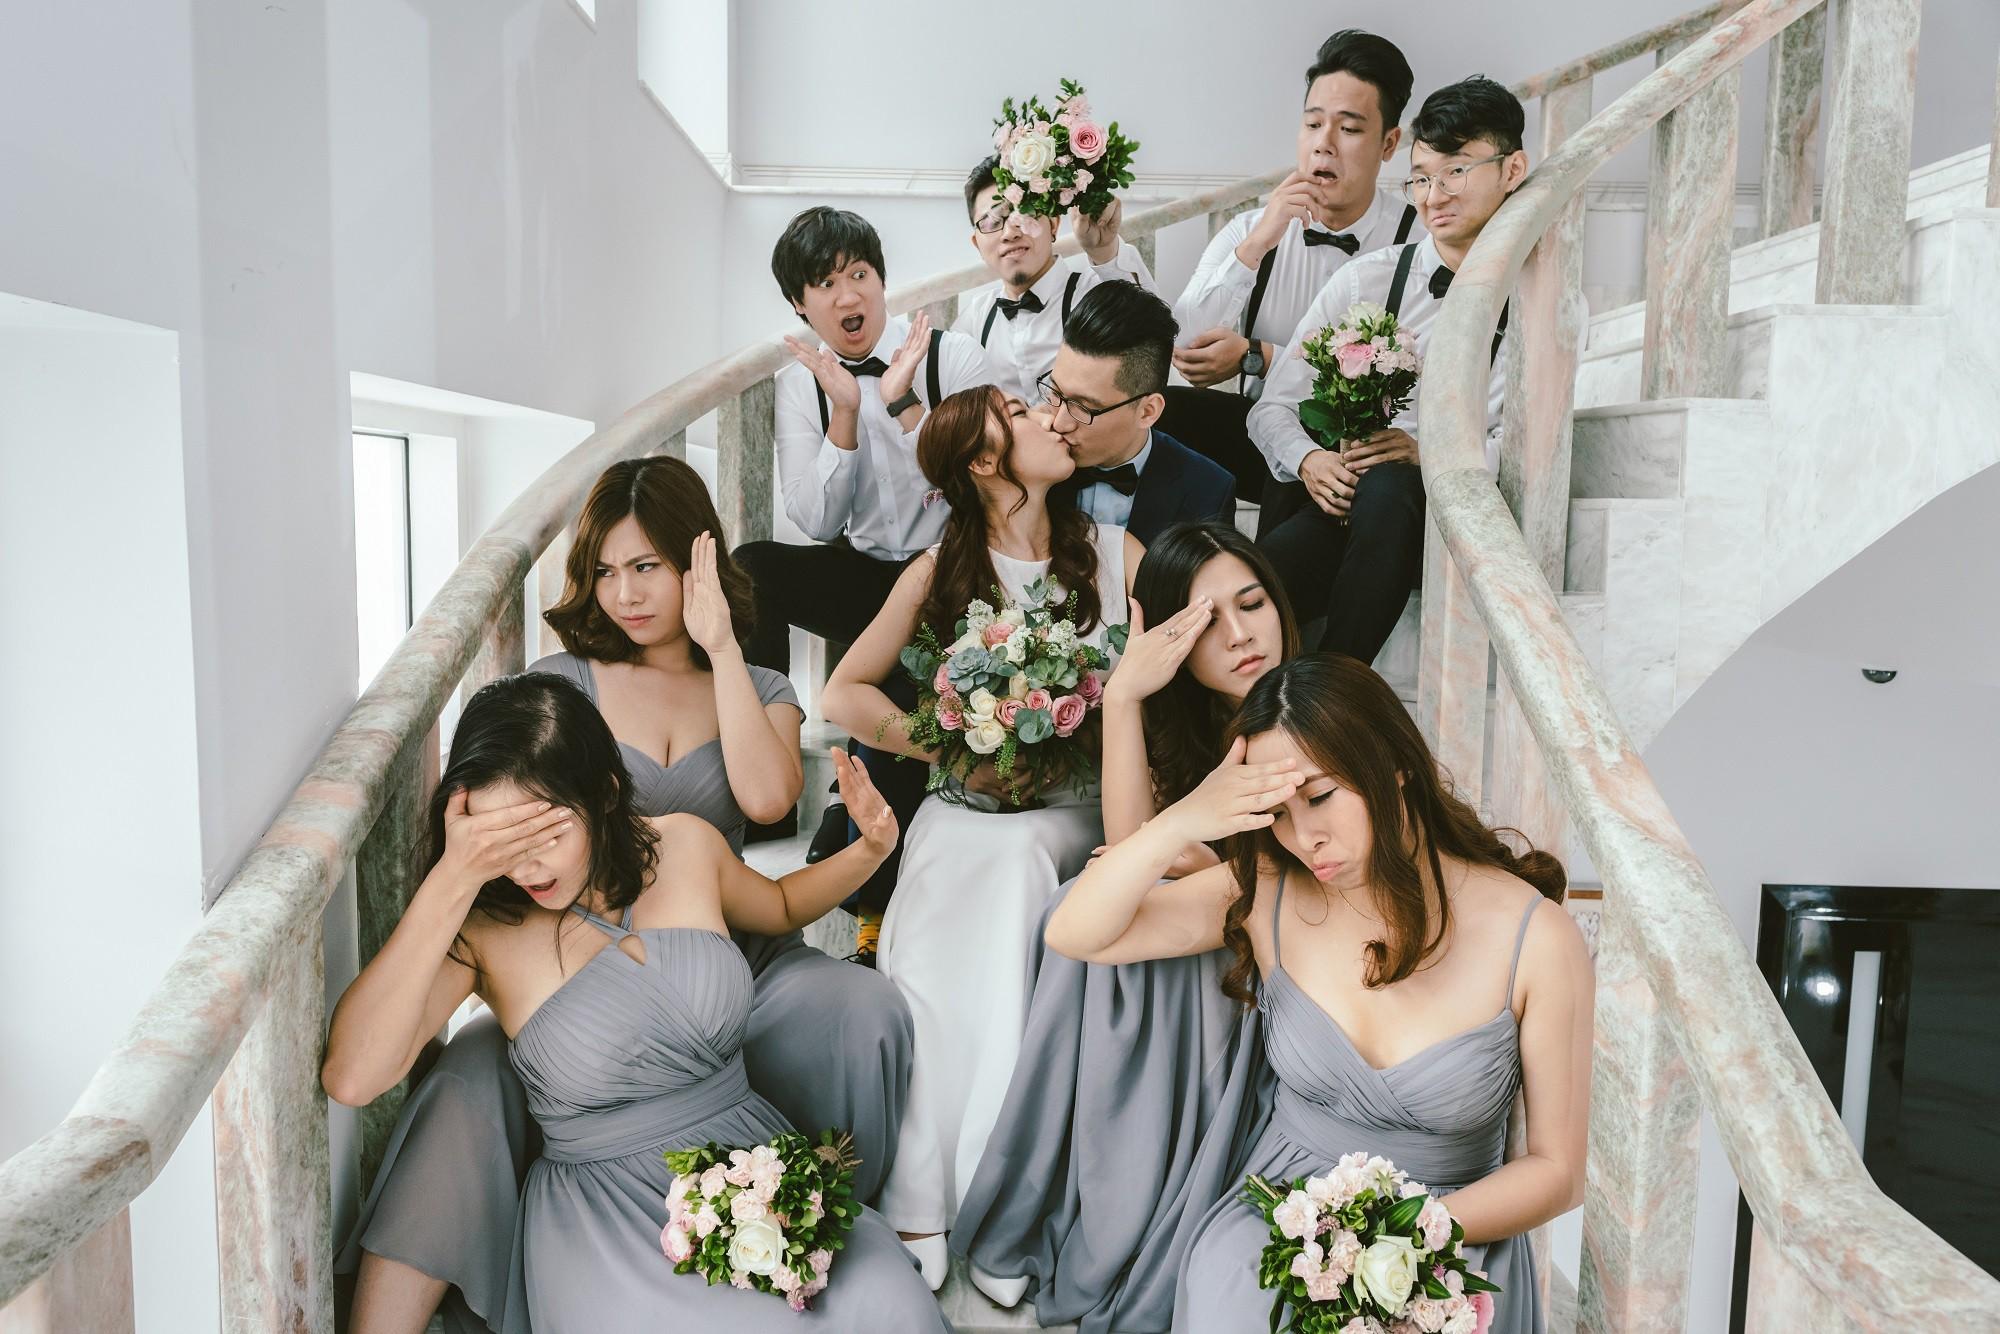 Em gái Trấn Thành kết hôn với bạn trai Hồng Kông, tung bộ ảnh cưới nhắng nhít cùng hội bạn thân - Ảnh 17.